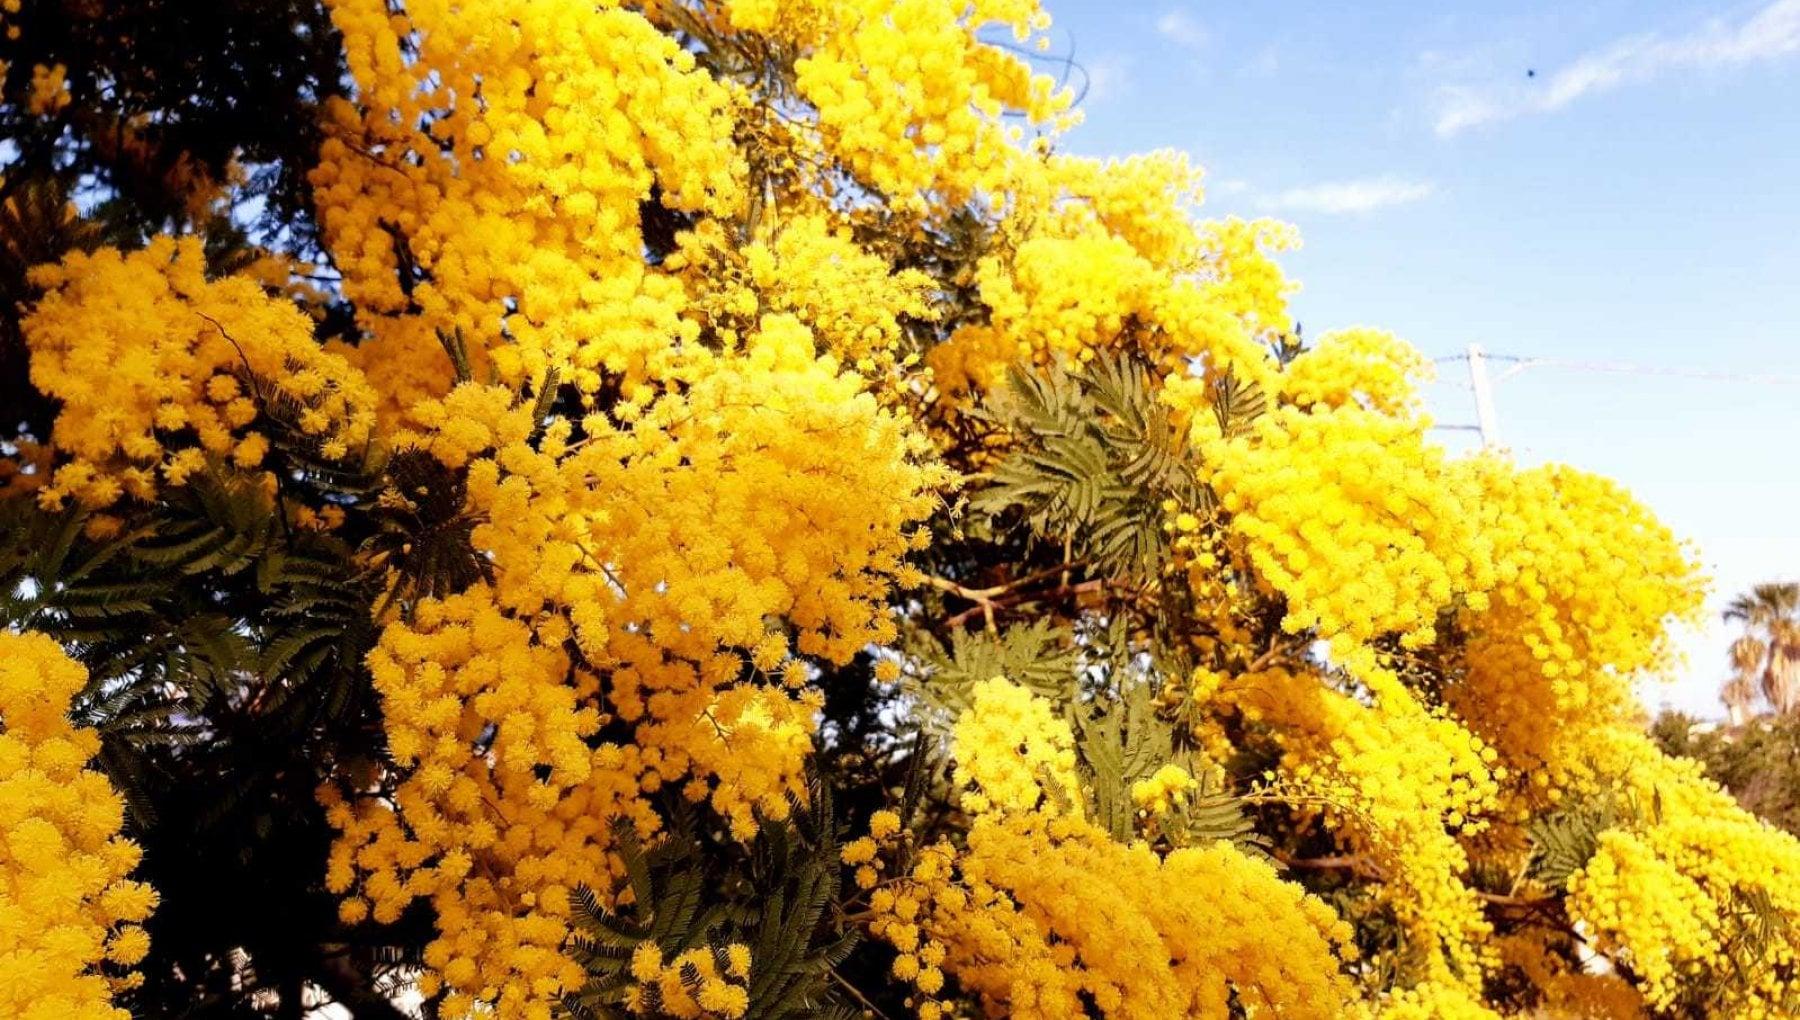 Caldo record in Sicilia sbocciano le mimose con due mesi di anticipo